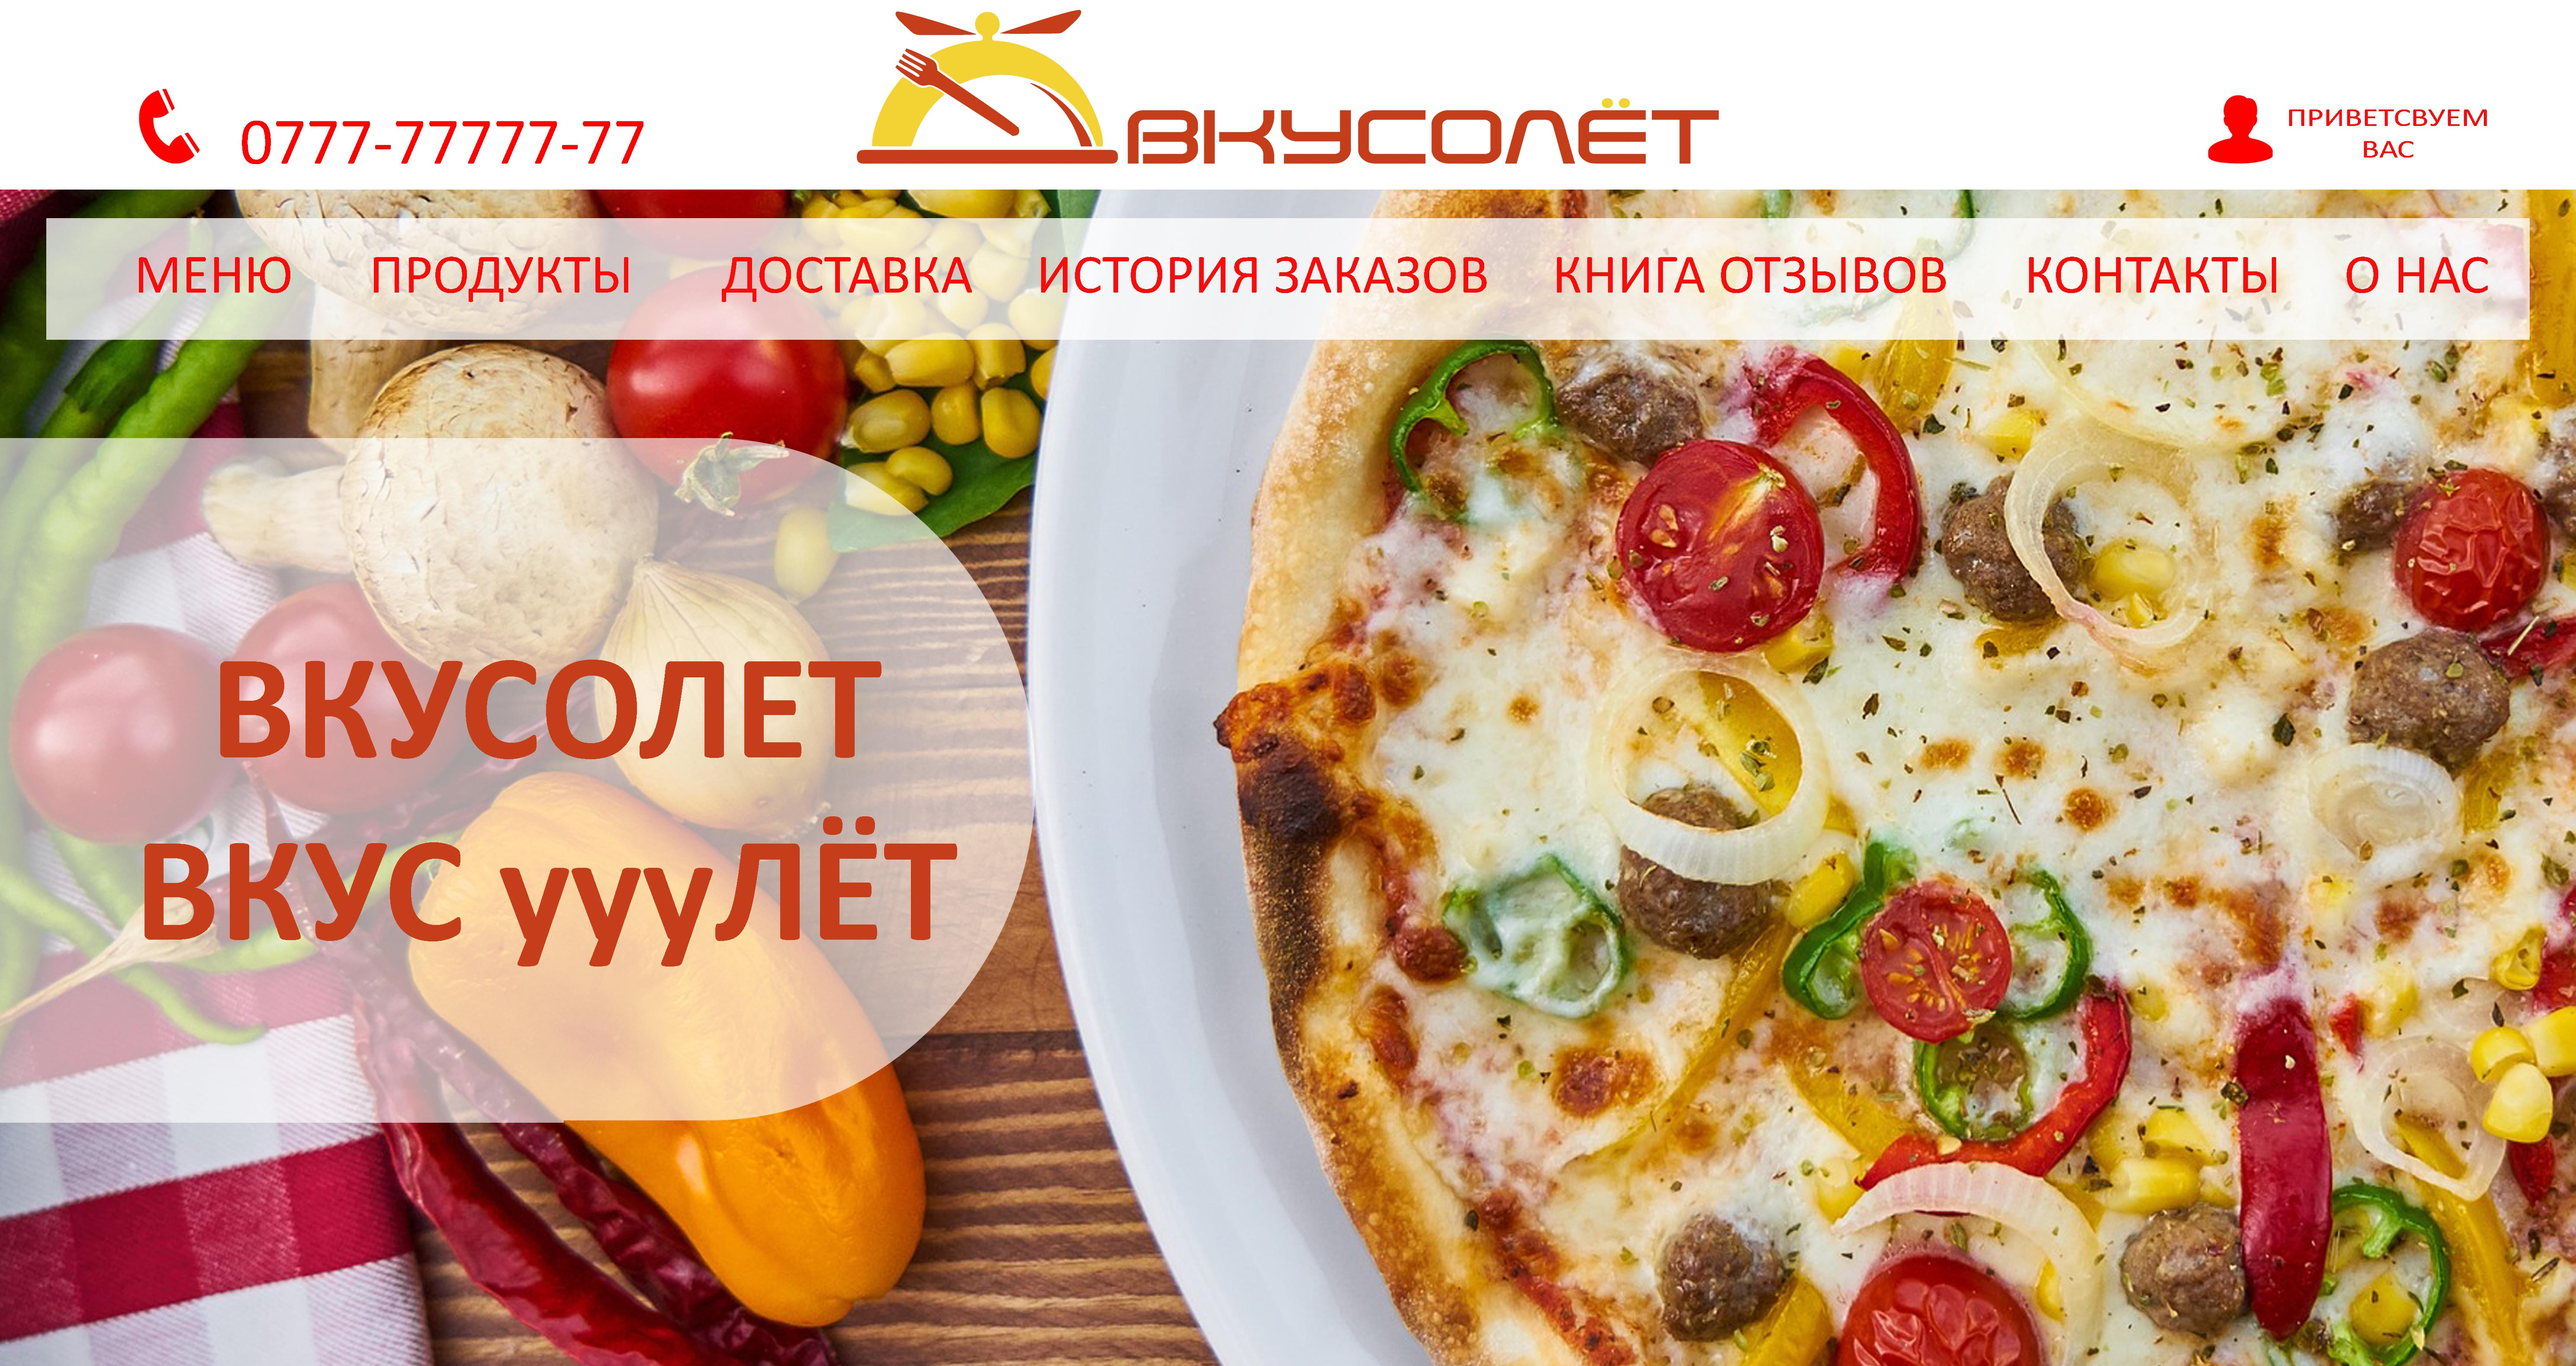 Логотип для доставки еды фото f_84759db1ba19c6d4.jpg